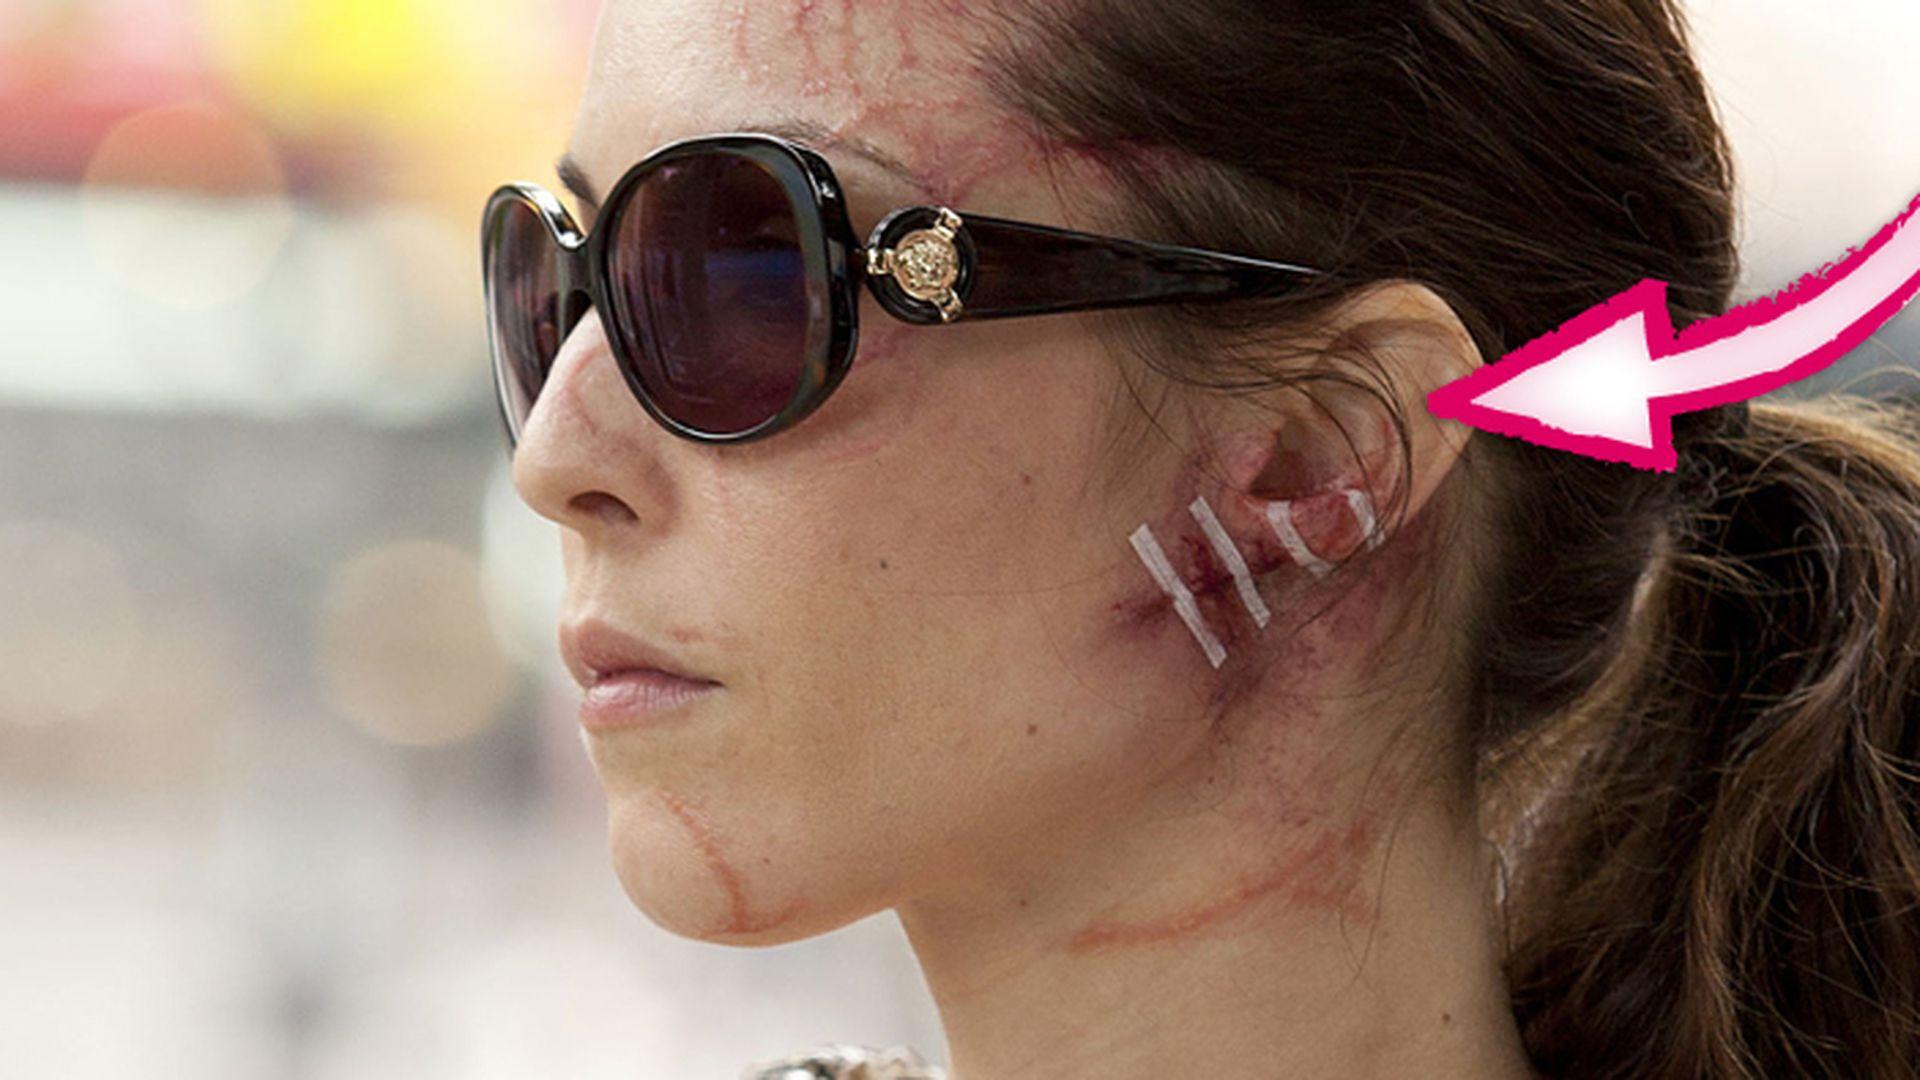 Fall In New York Wallpaper Blutig Noomi Rapace Gesicht Ist Schlimm Verletzt